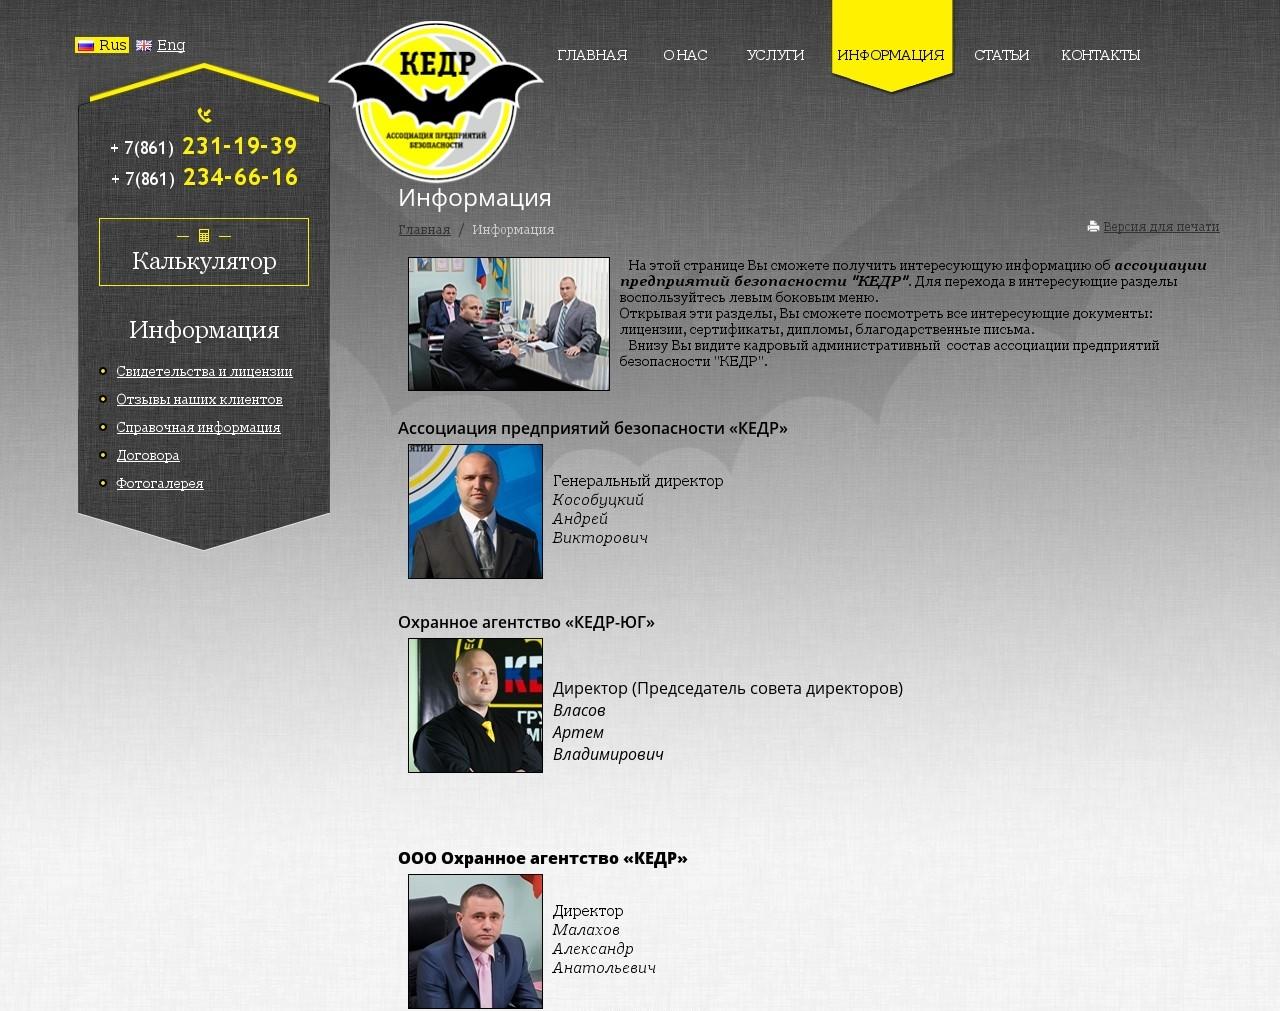 apbkedr-info-1280x936-full